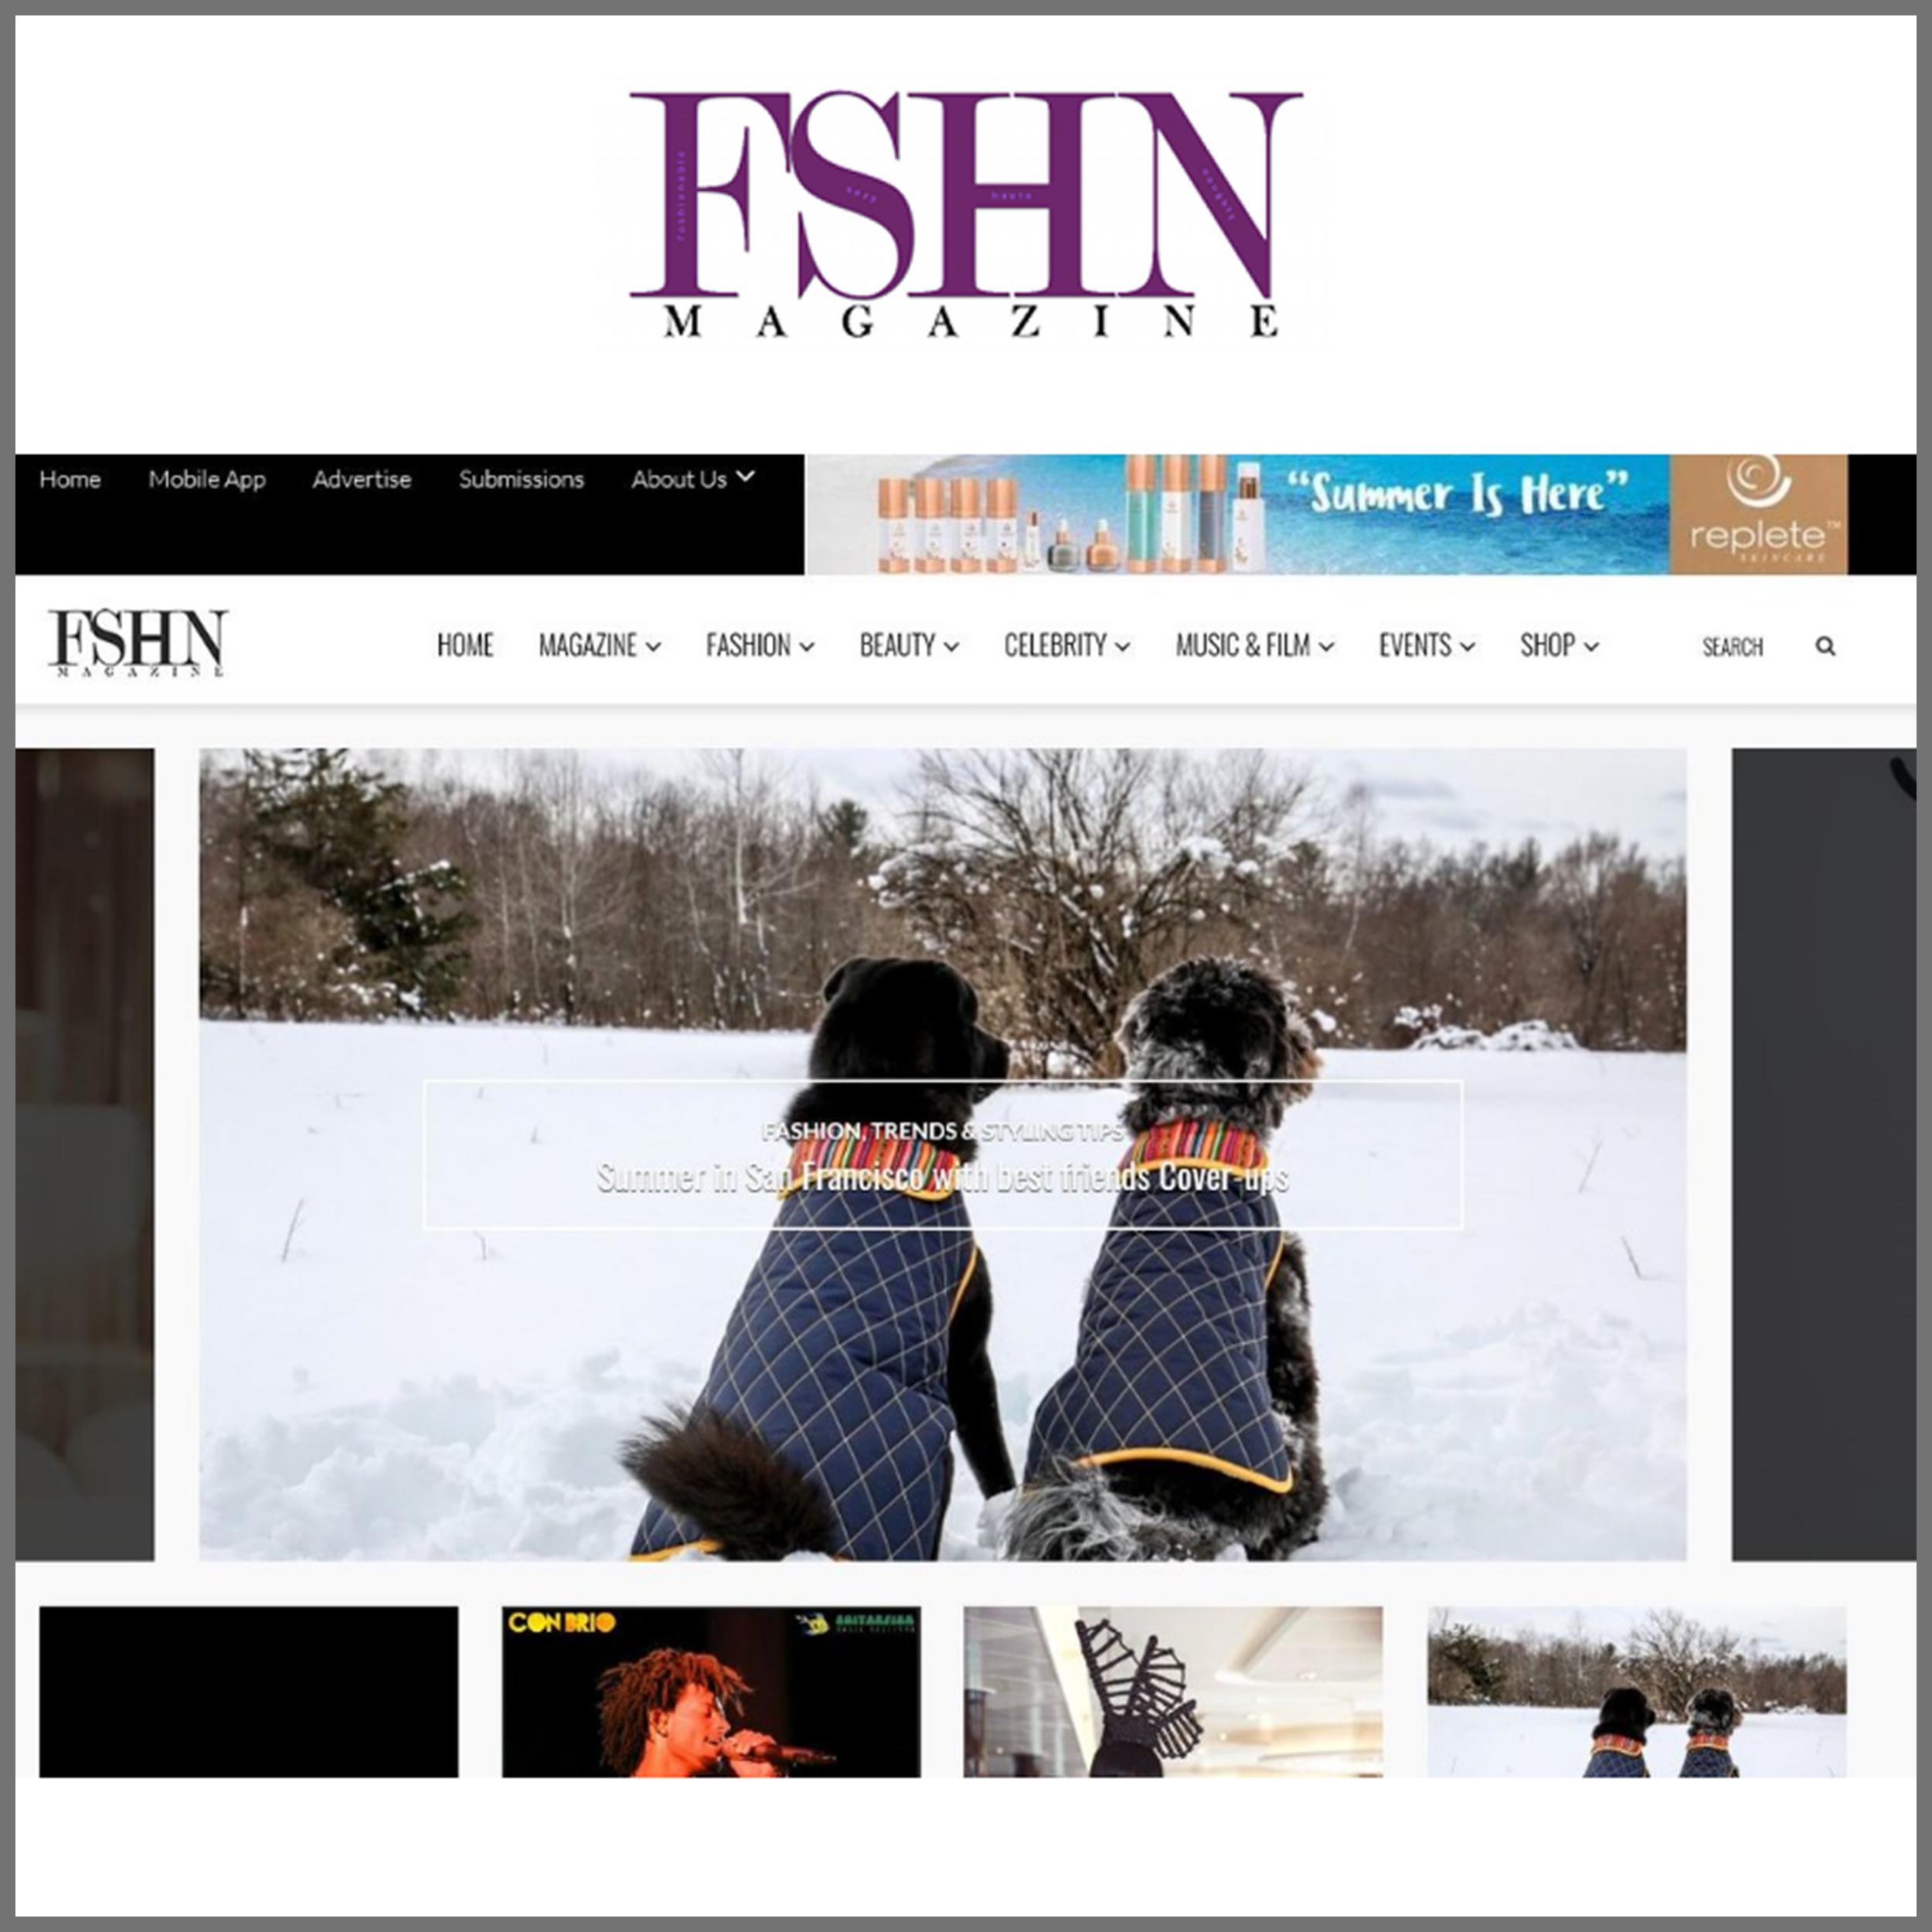 Press FSHN